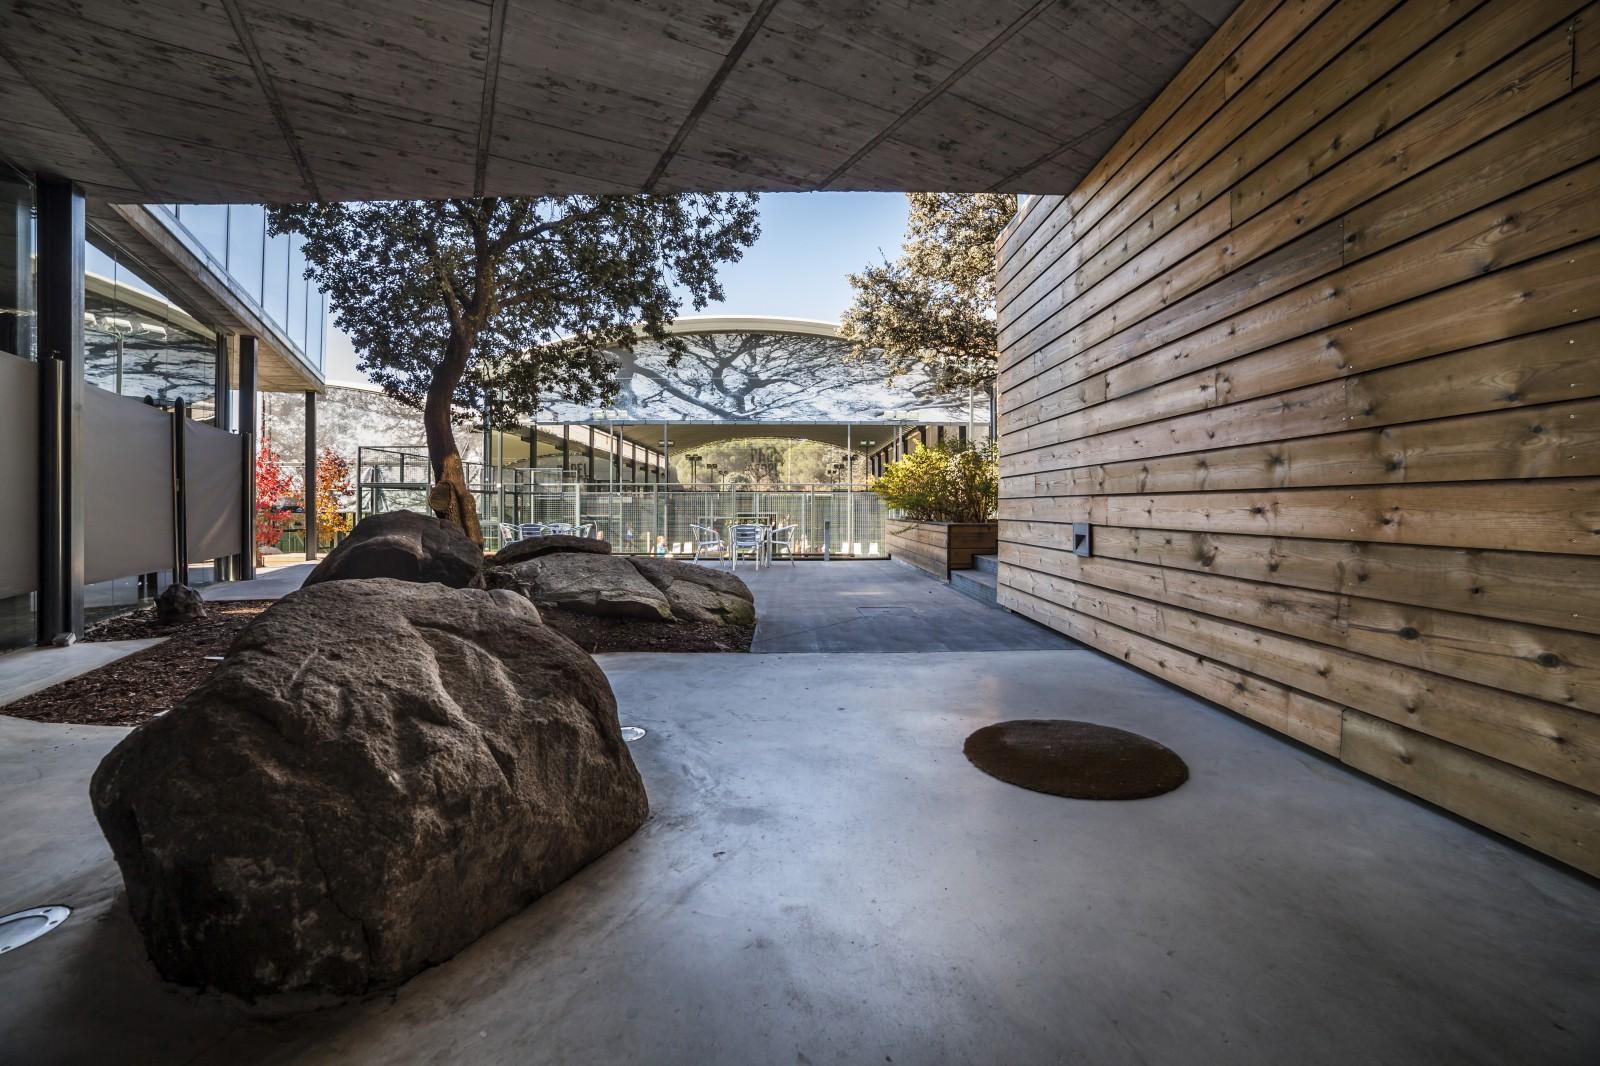 Edificio multiusos u3 estudio de arquitectura madrid for Estudios arquitectura madrid